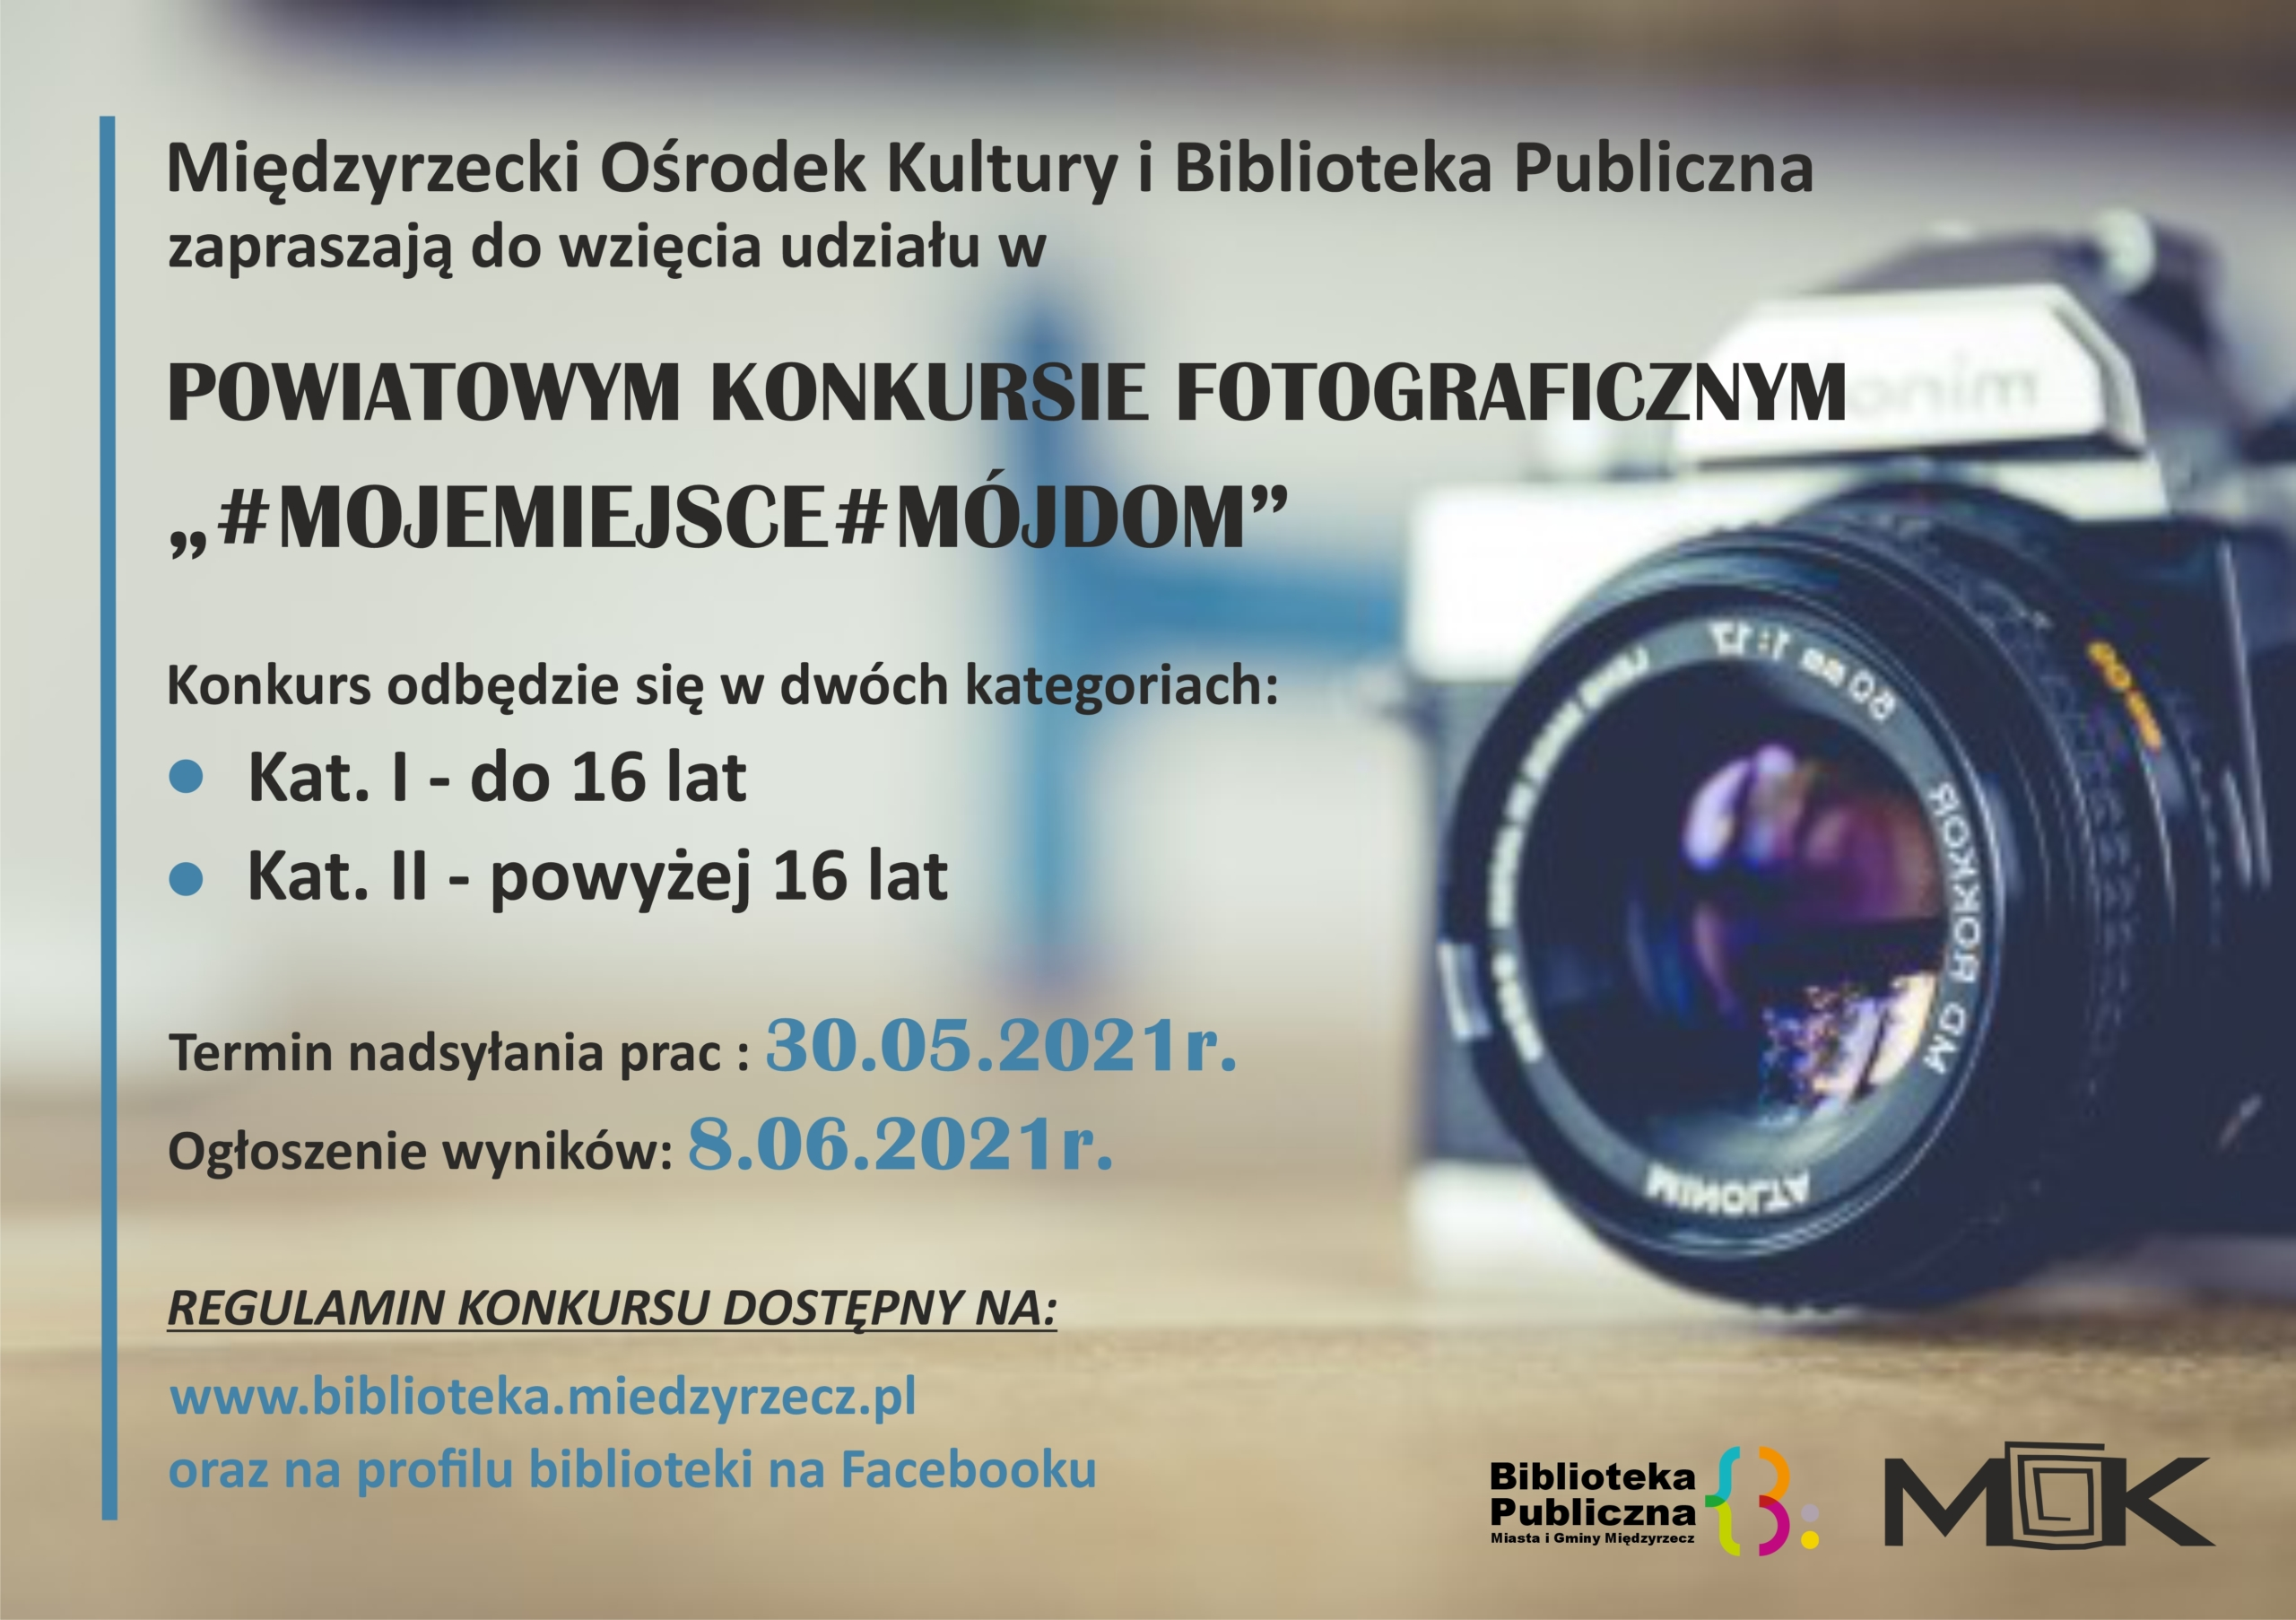 Plakat reklamujący powiatowy konkurs fotograficzny